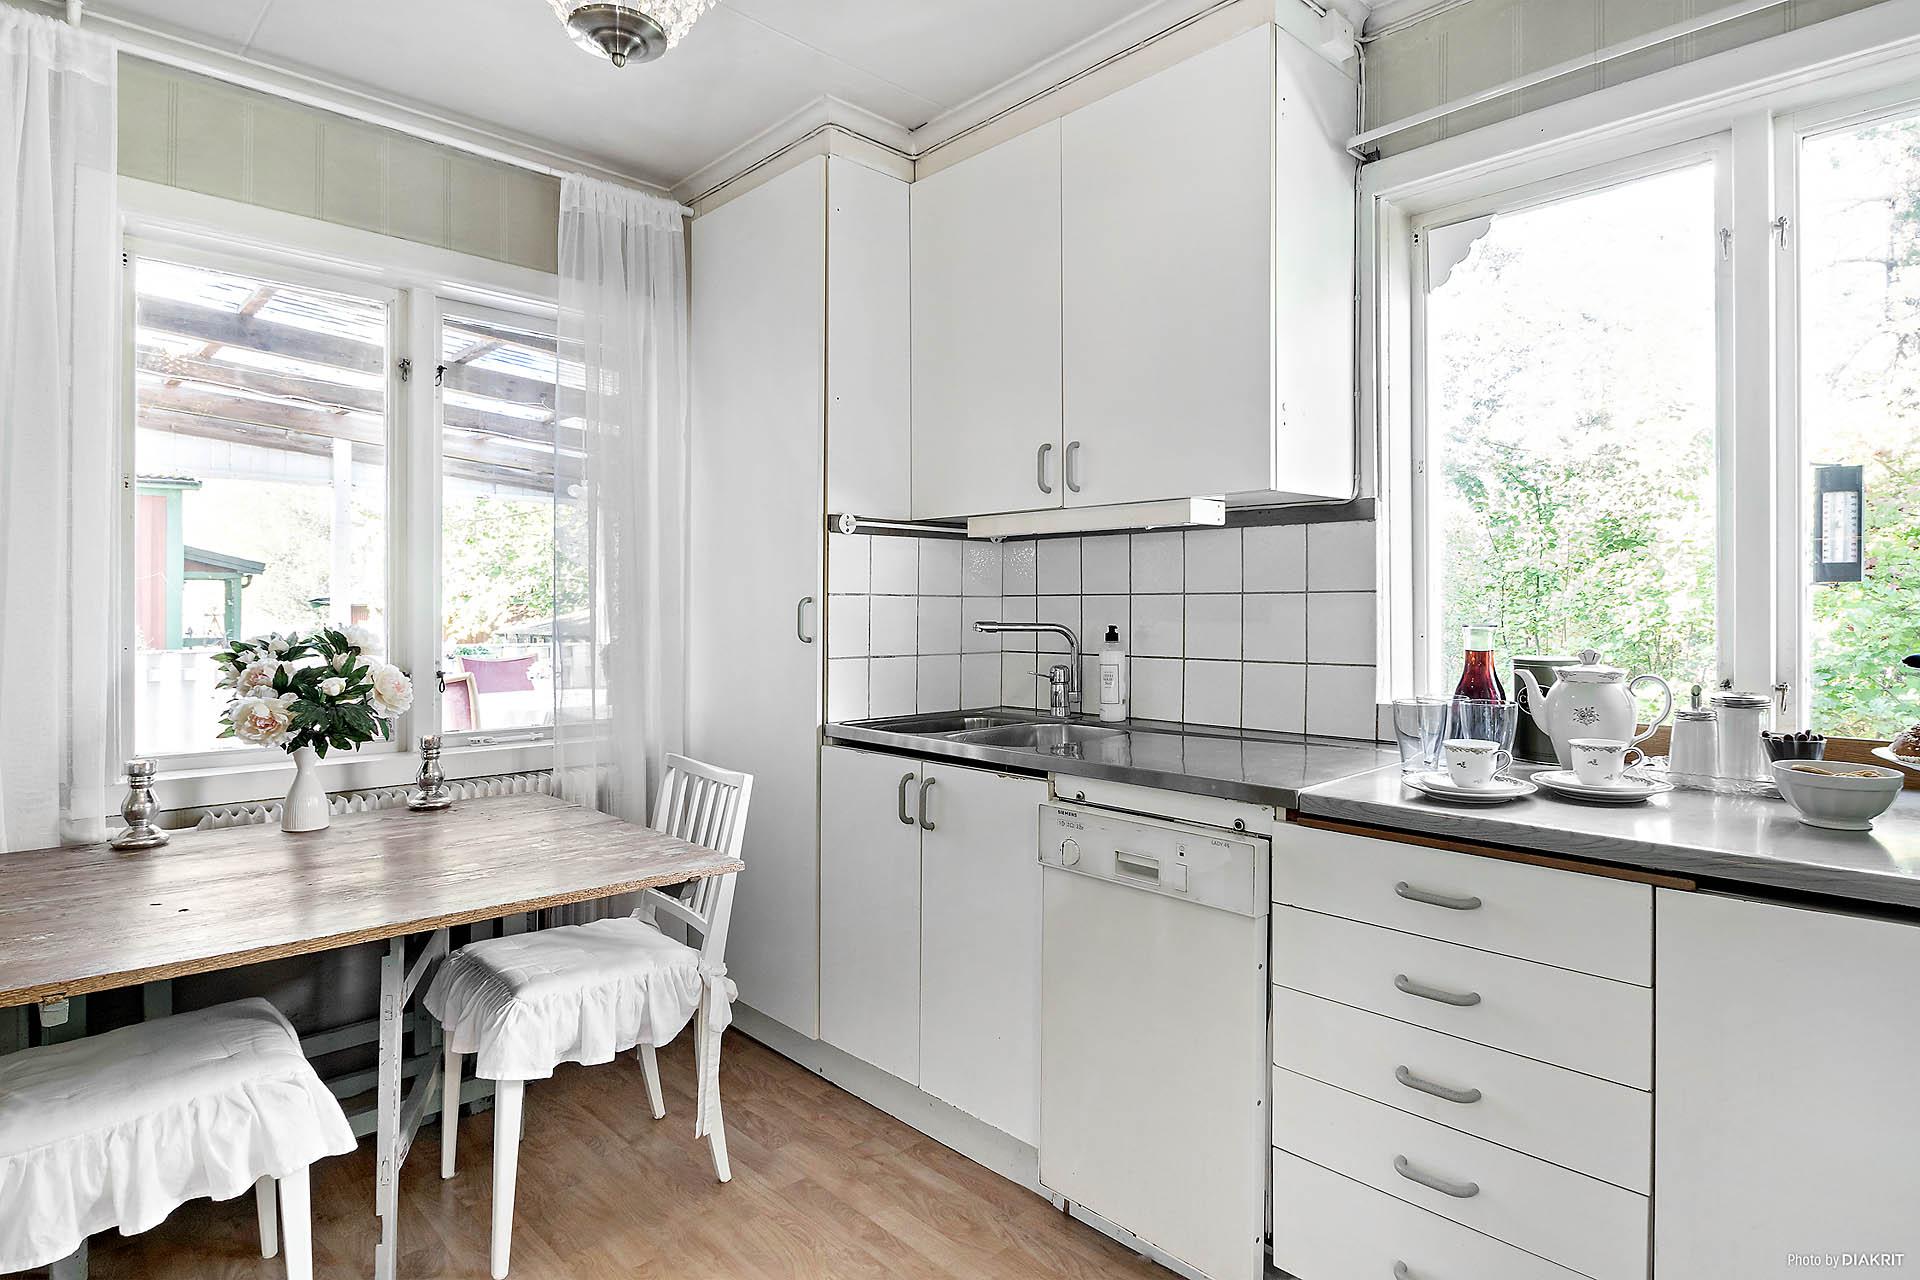 Fönster i flera väderstreck för ljus och rymd till köket